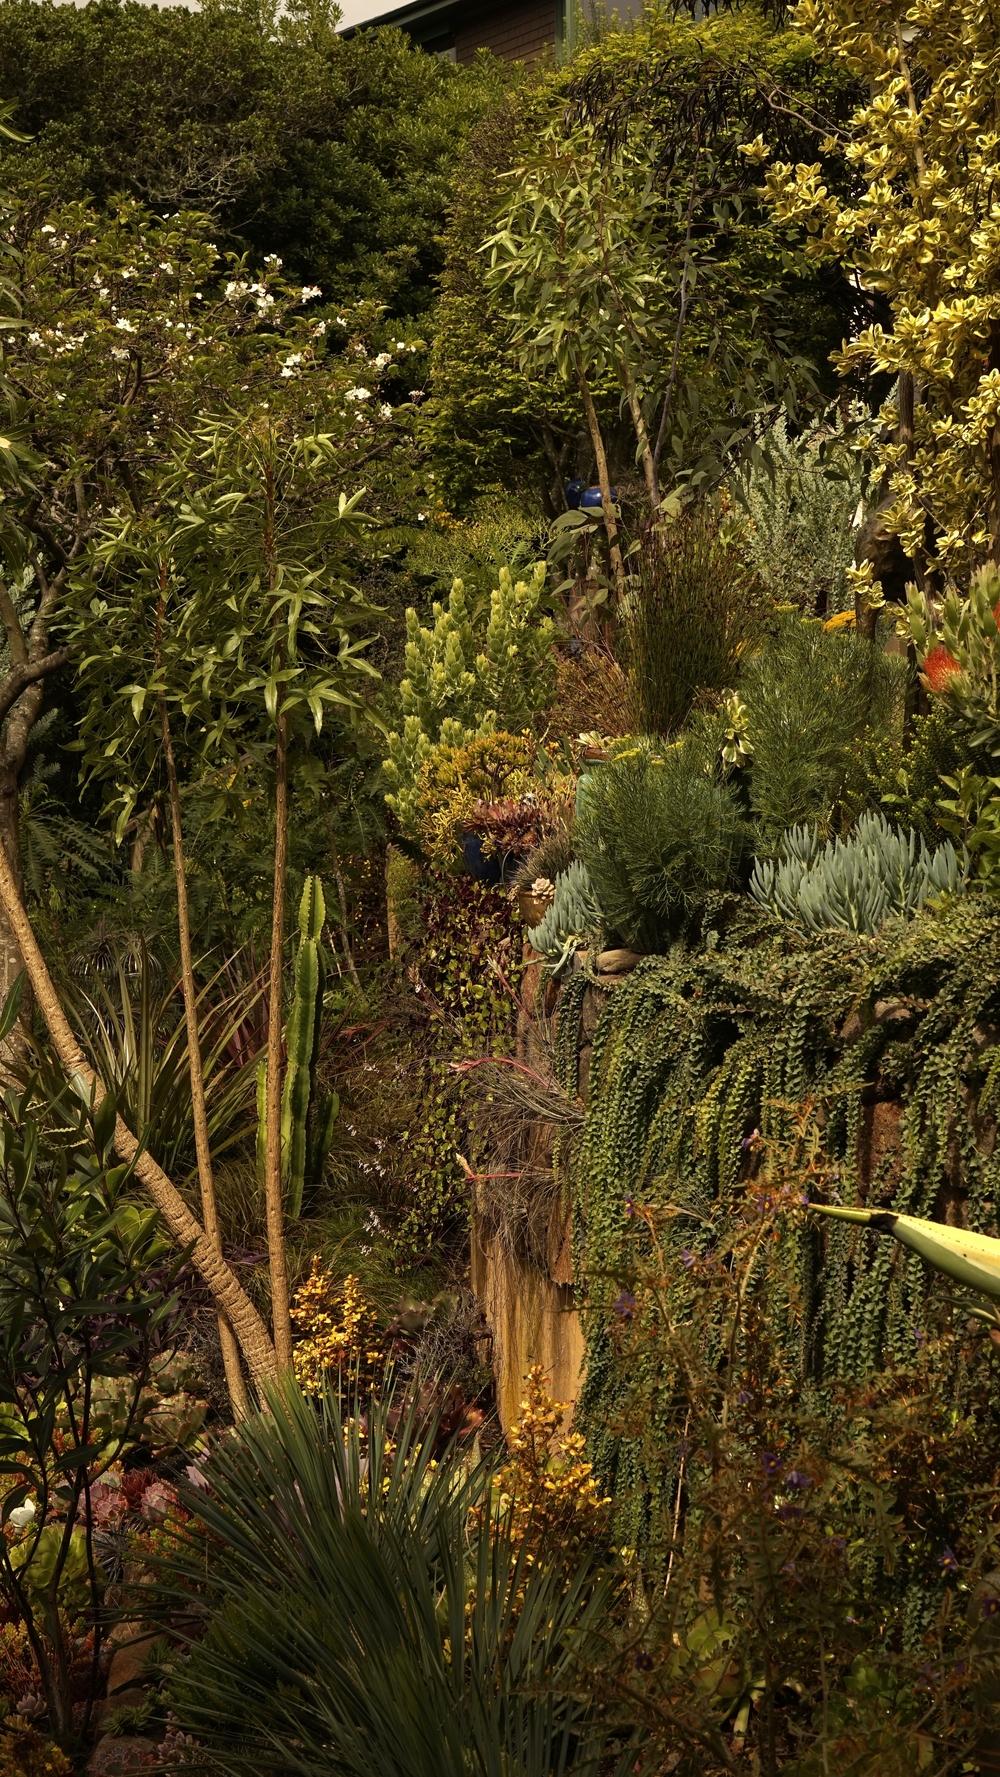 Gardens and things — Garden Fantasia